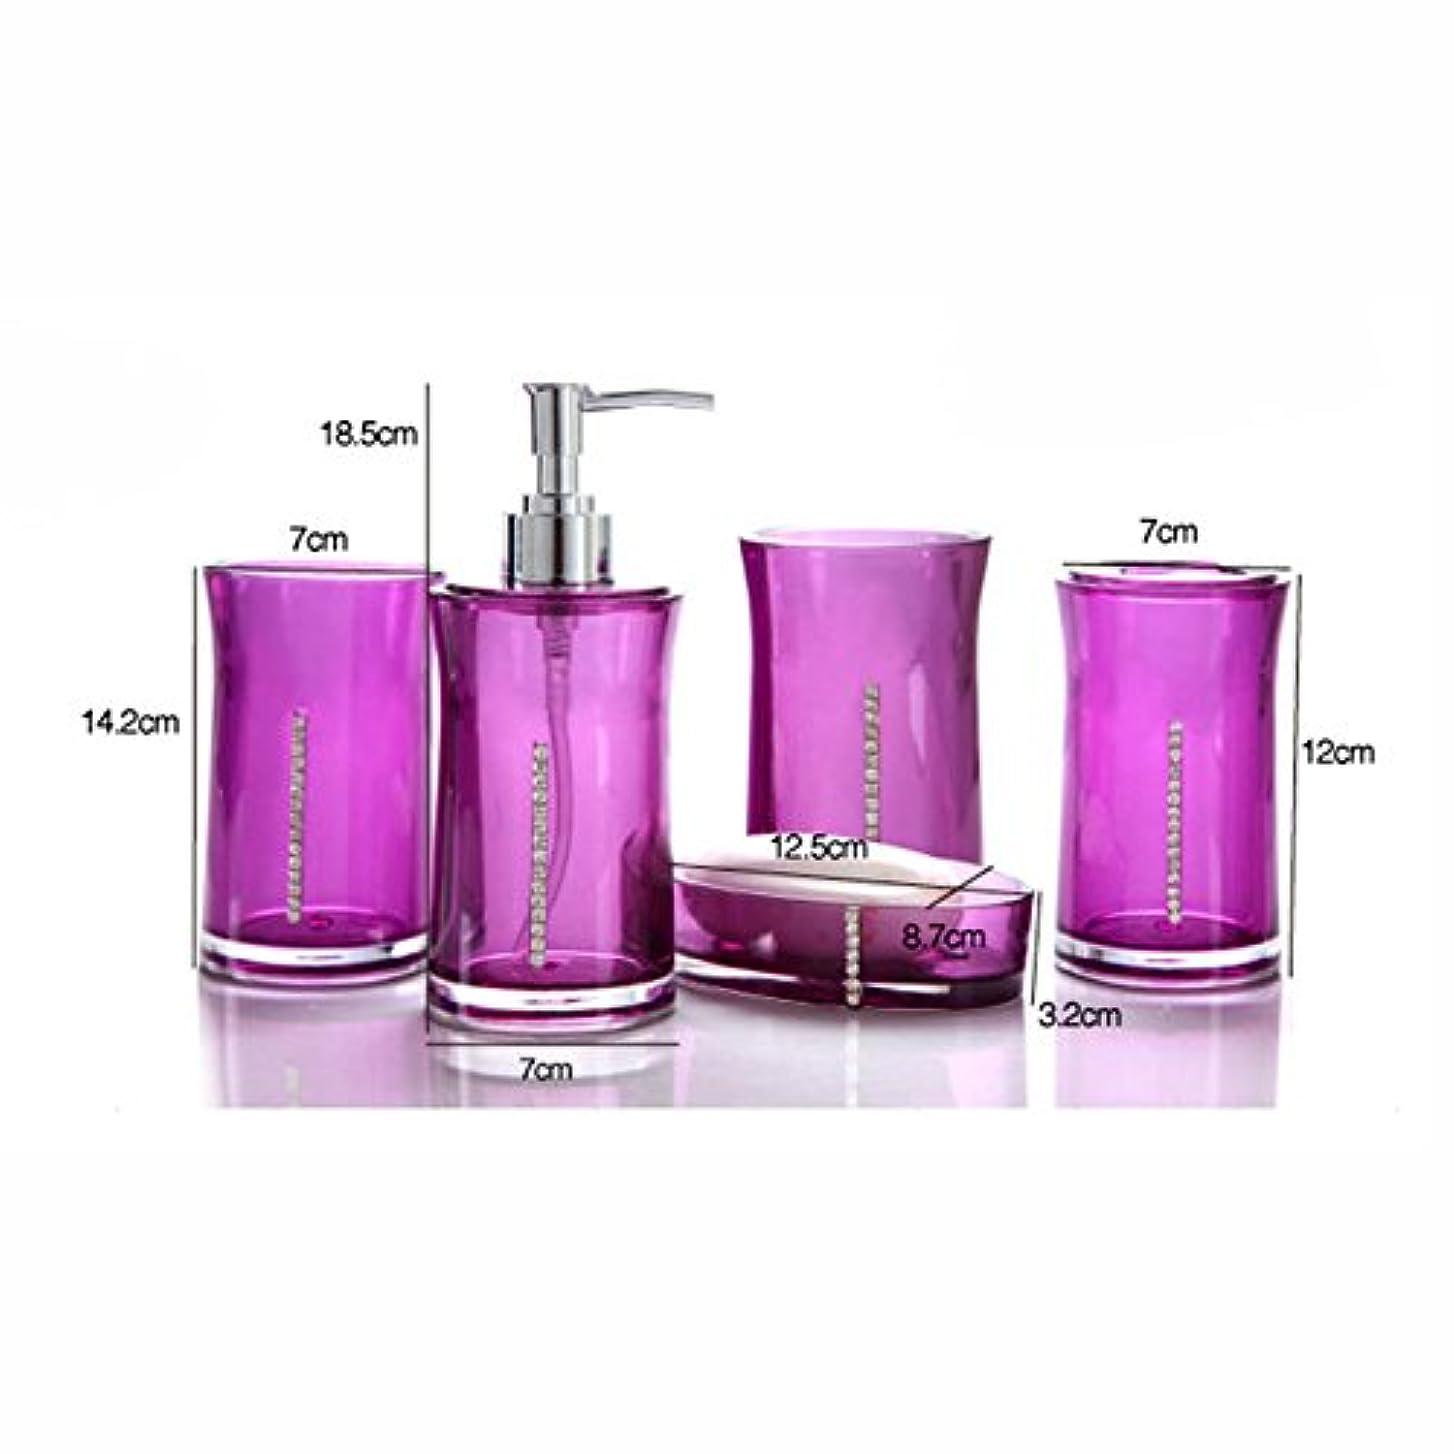 アラートアーサー要求するxlp シャワージェルアクリルボトル、キッチンバス用シャンプー液体石鹸ディスペンサーボトル (紫)